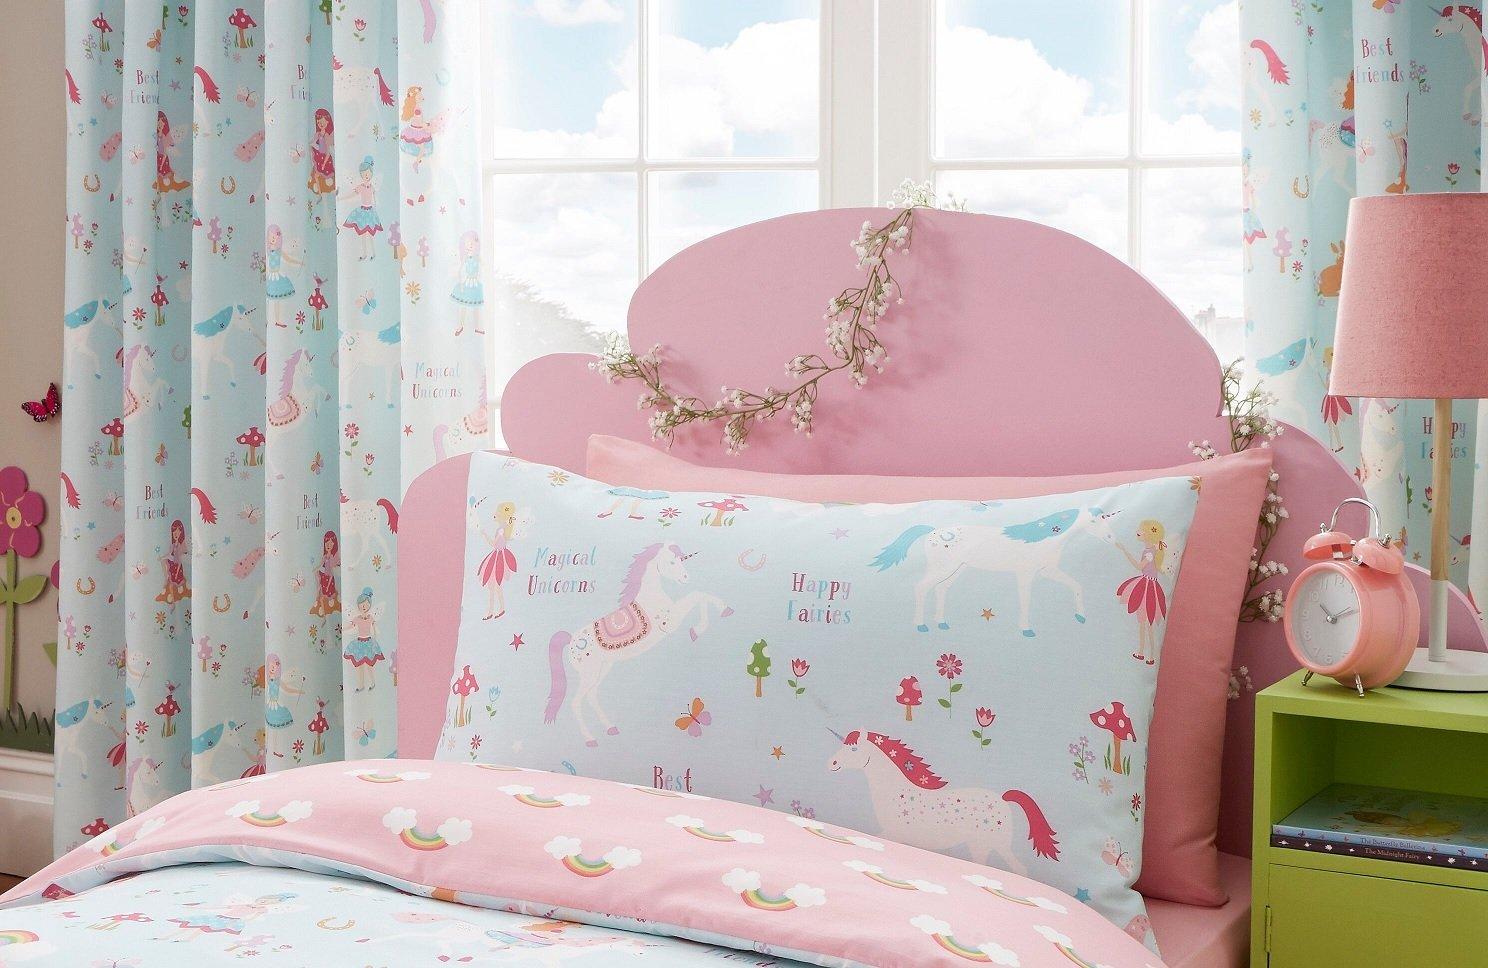 Дизайн штор для детской комнаты с единорогами